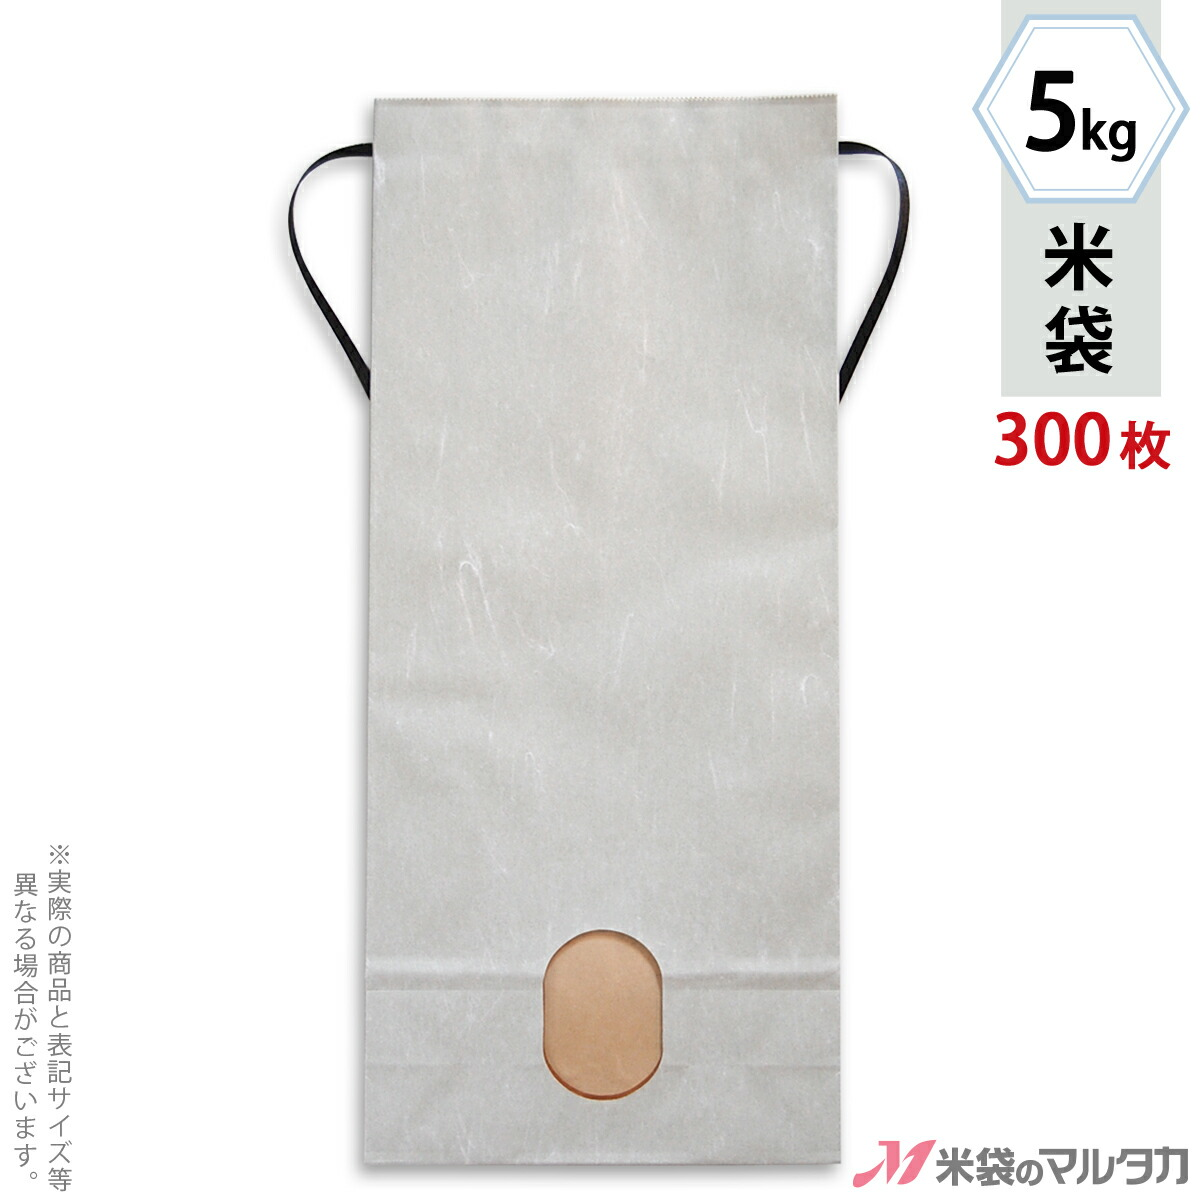 KH-0900 高級感が特徴。雲龍和紙米袋「あさぎり」